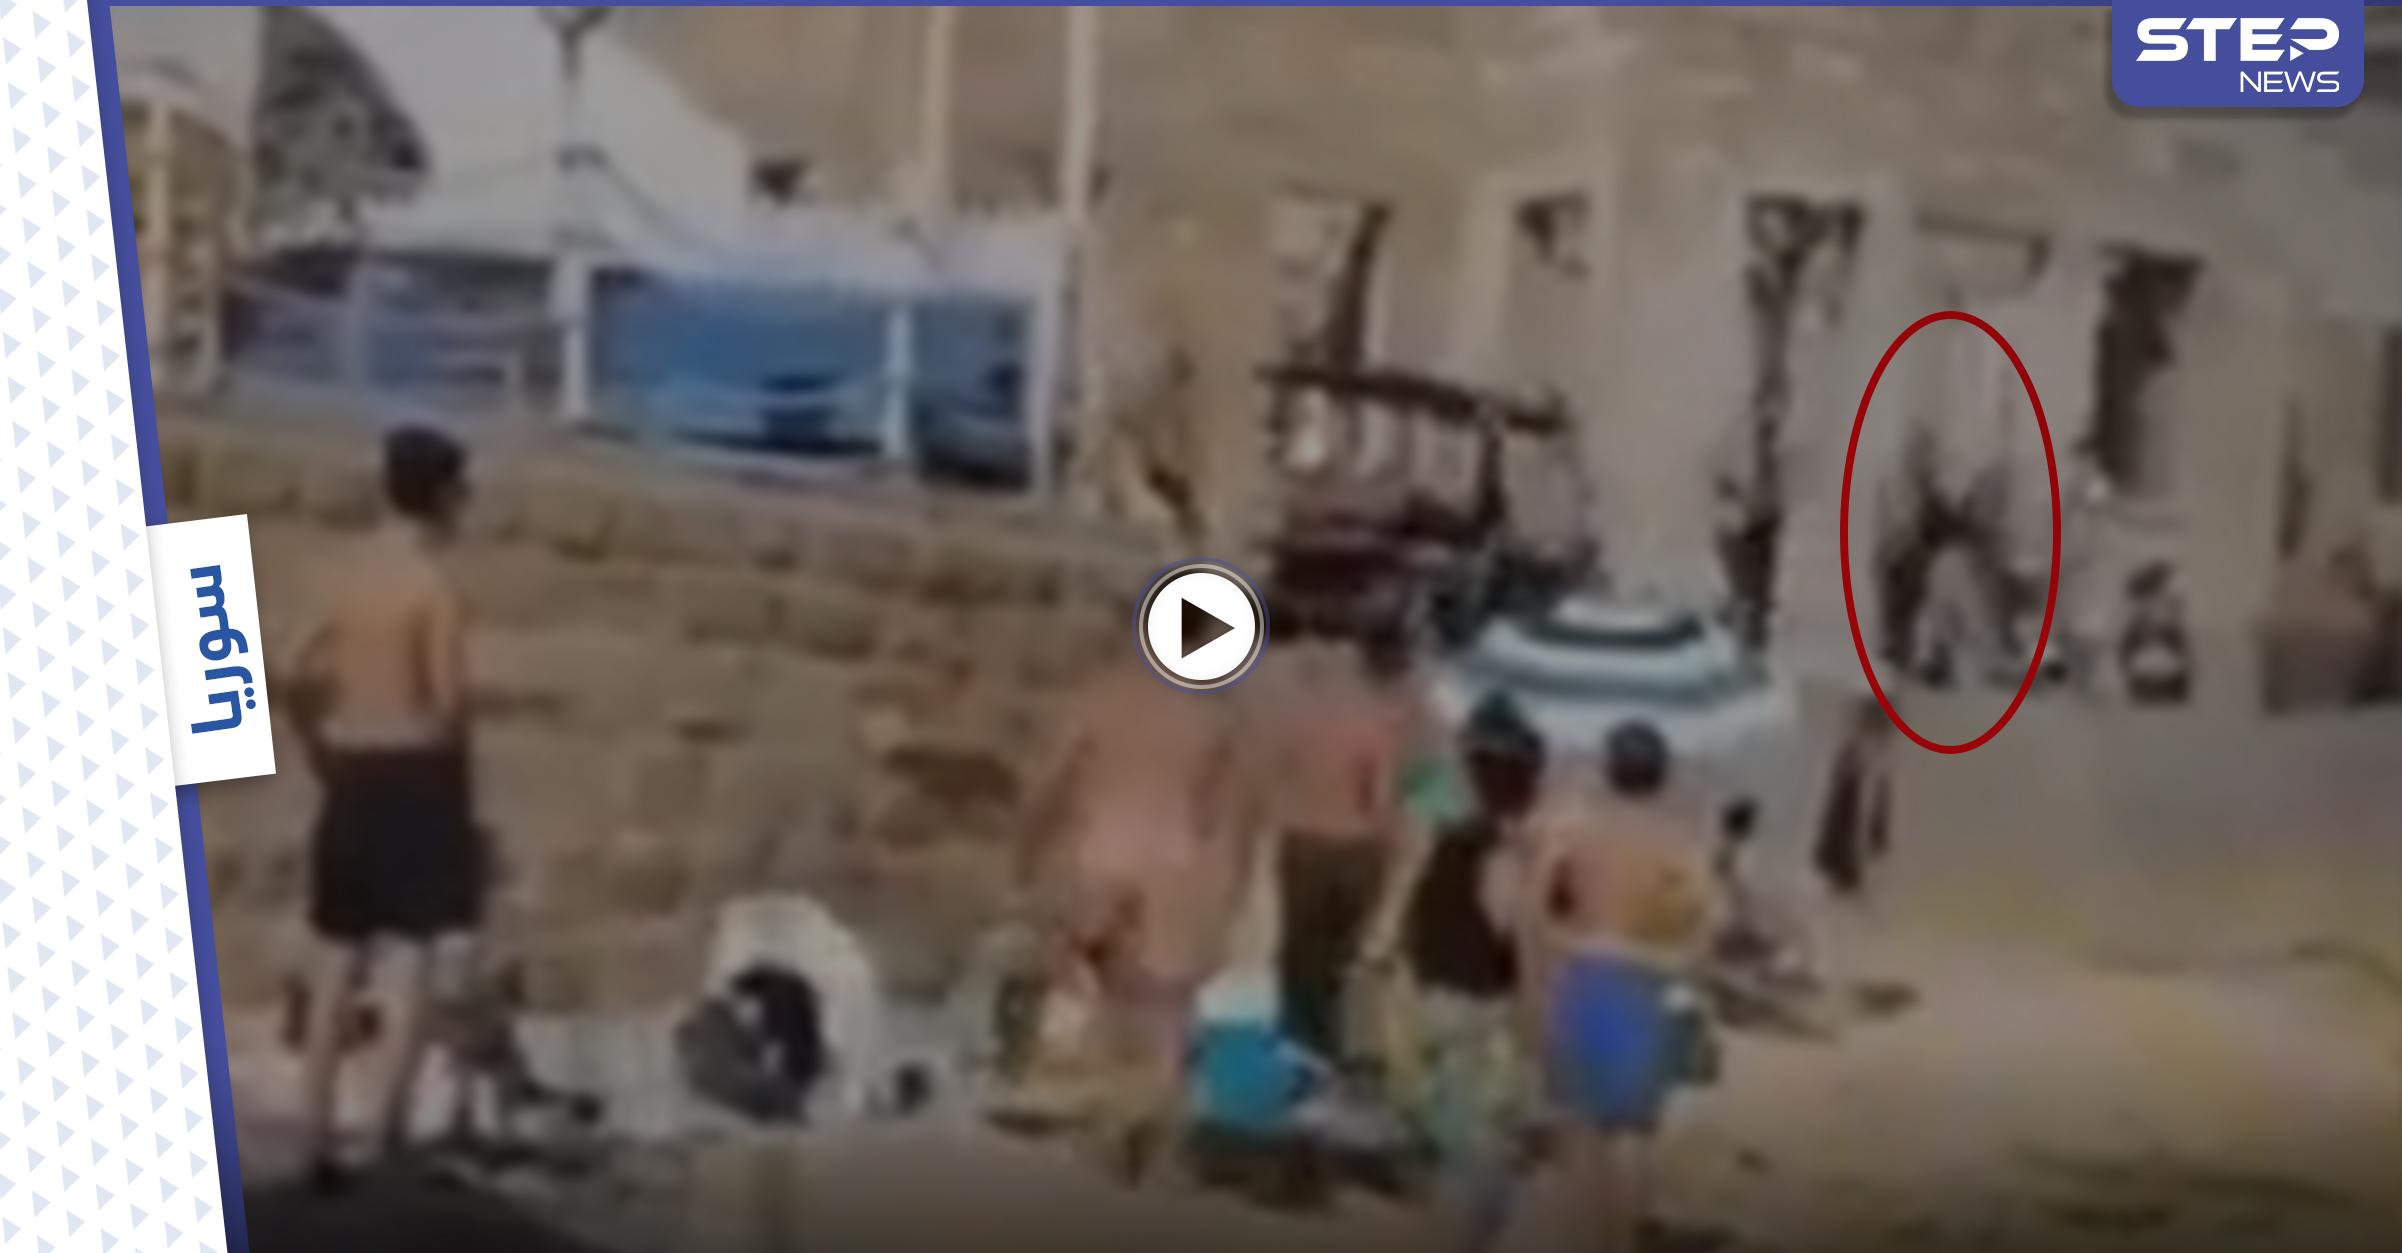 بالفيديو|| مرافقة جبران باسيل يعتدون على امرأة بالضرب ويقومون بتكسير هاتفها واسمه يتصدر الترند